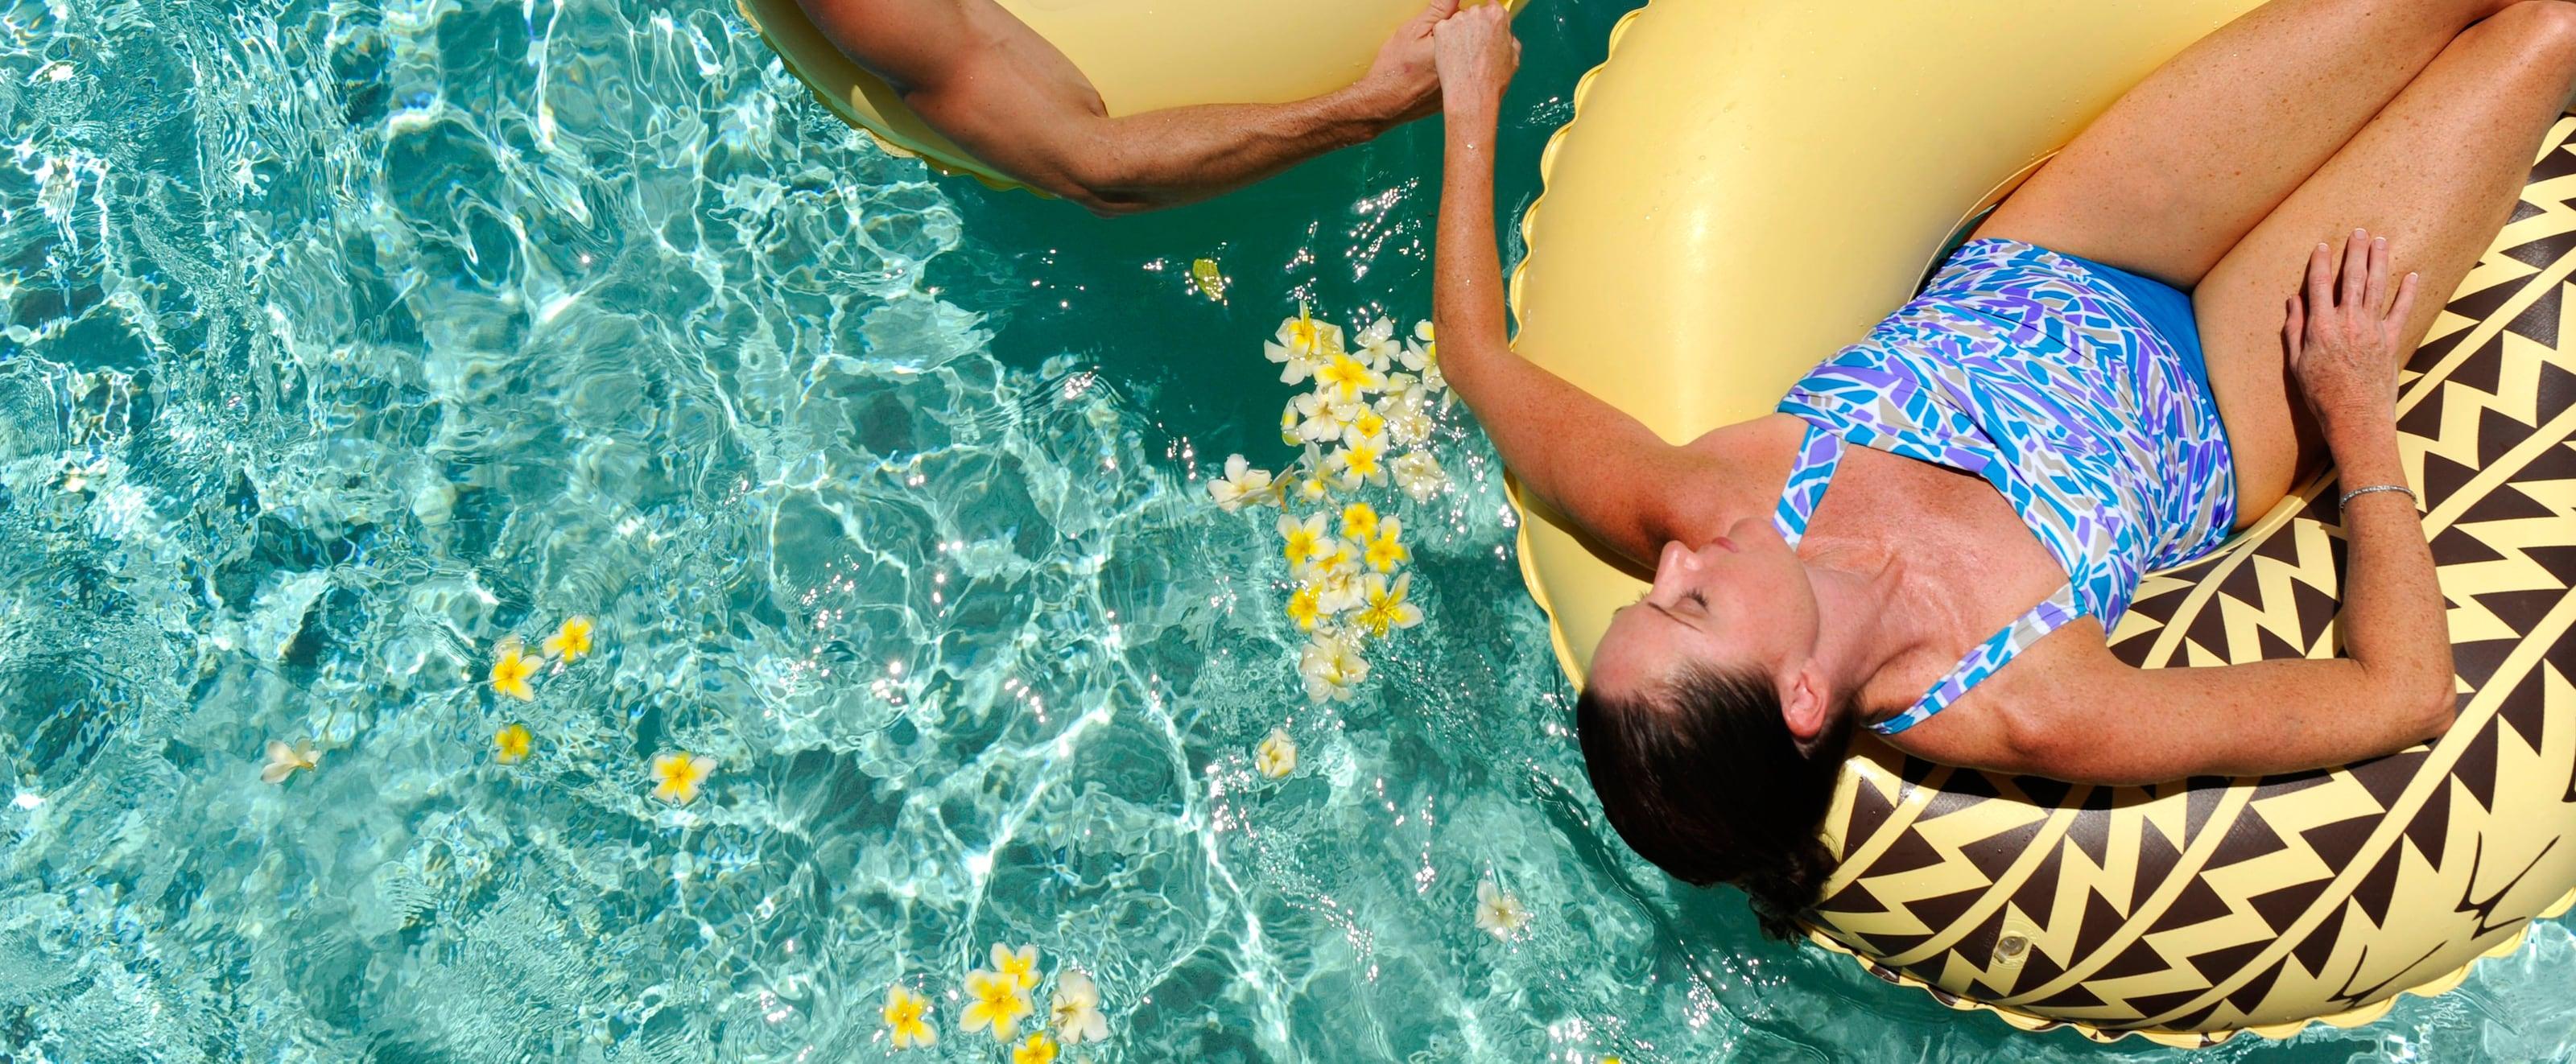 プールで浮き輪に横たわり男性の手を握っている水着の女性と、水に浮かぶ黄色い花